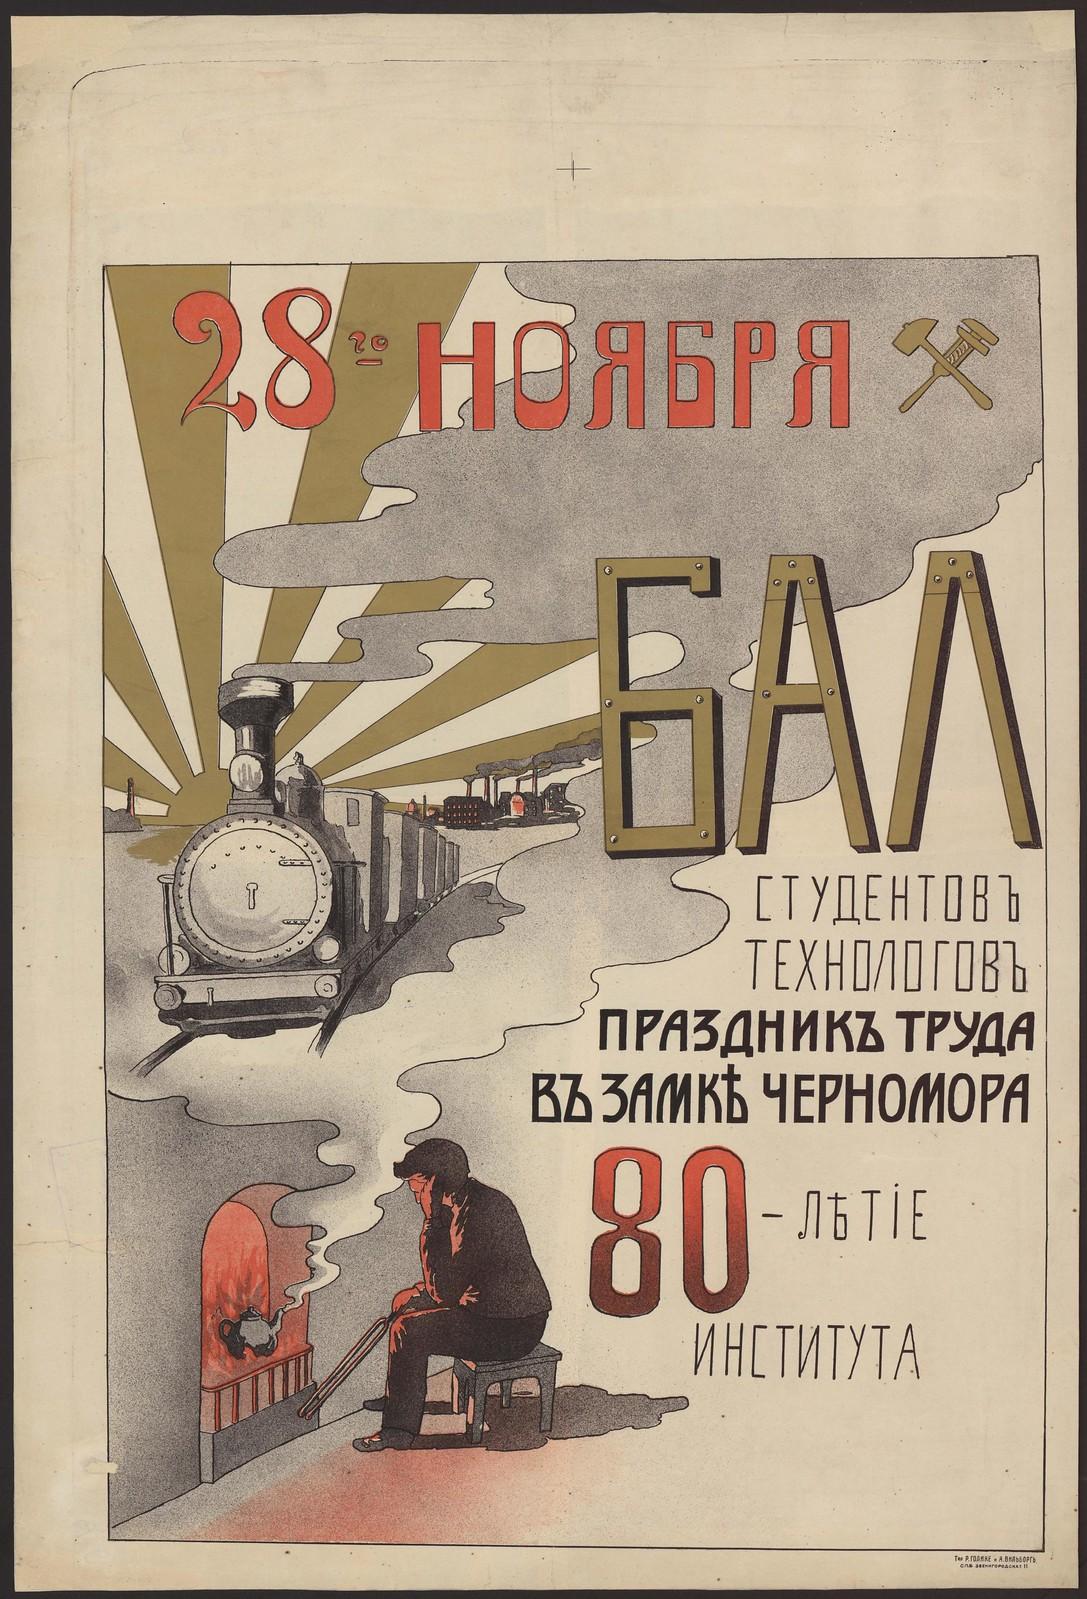 1908. Бал студентов-технологов. Праздник труда в замке Черномора. 80-летие интитута. 28 ноября